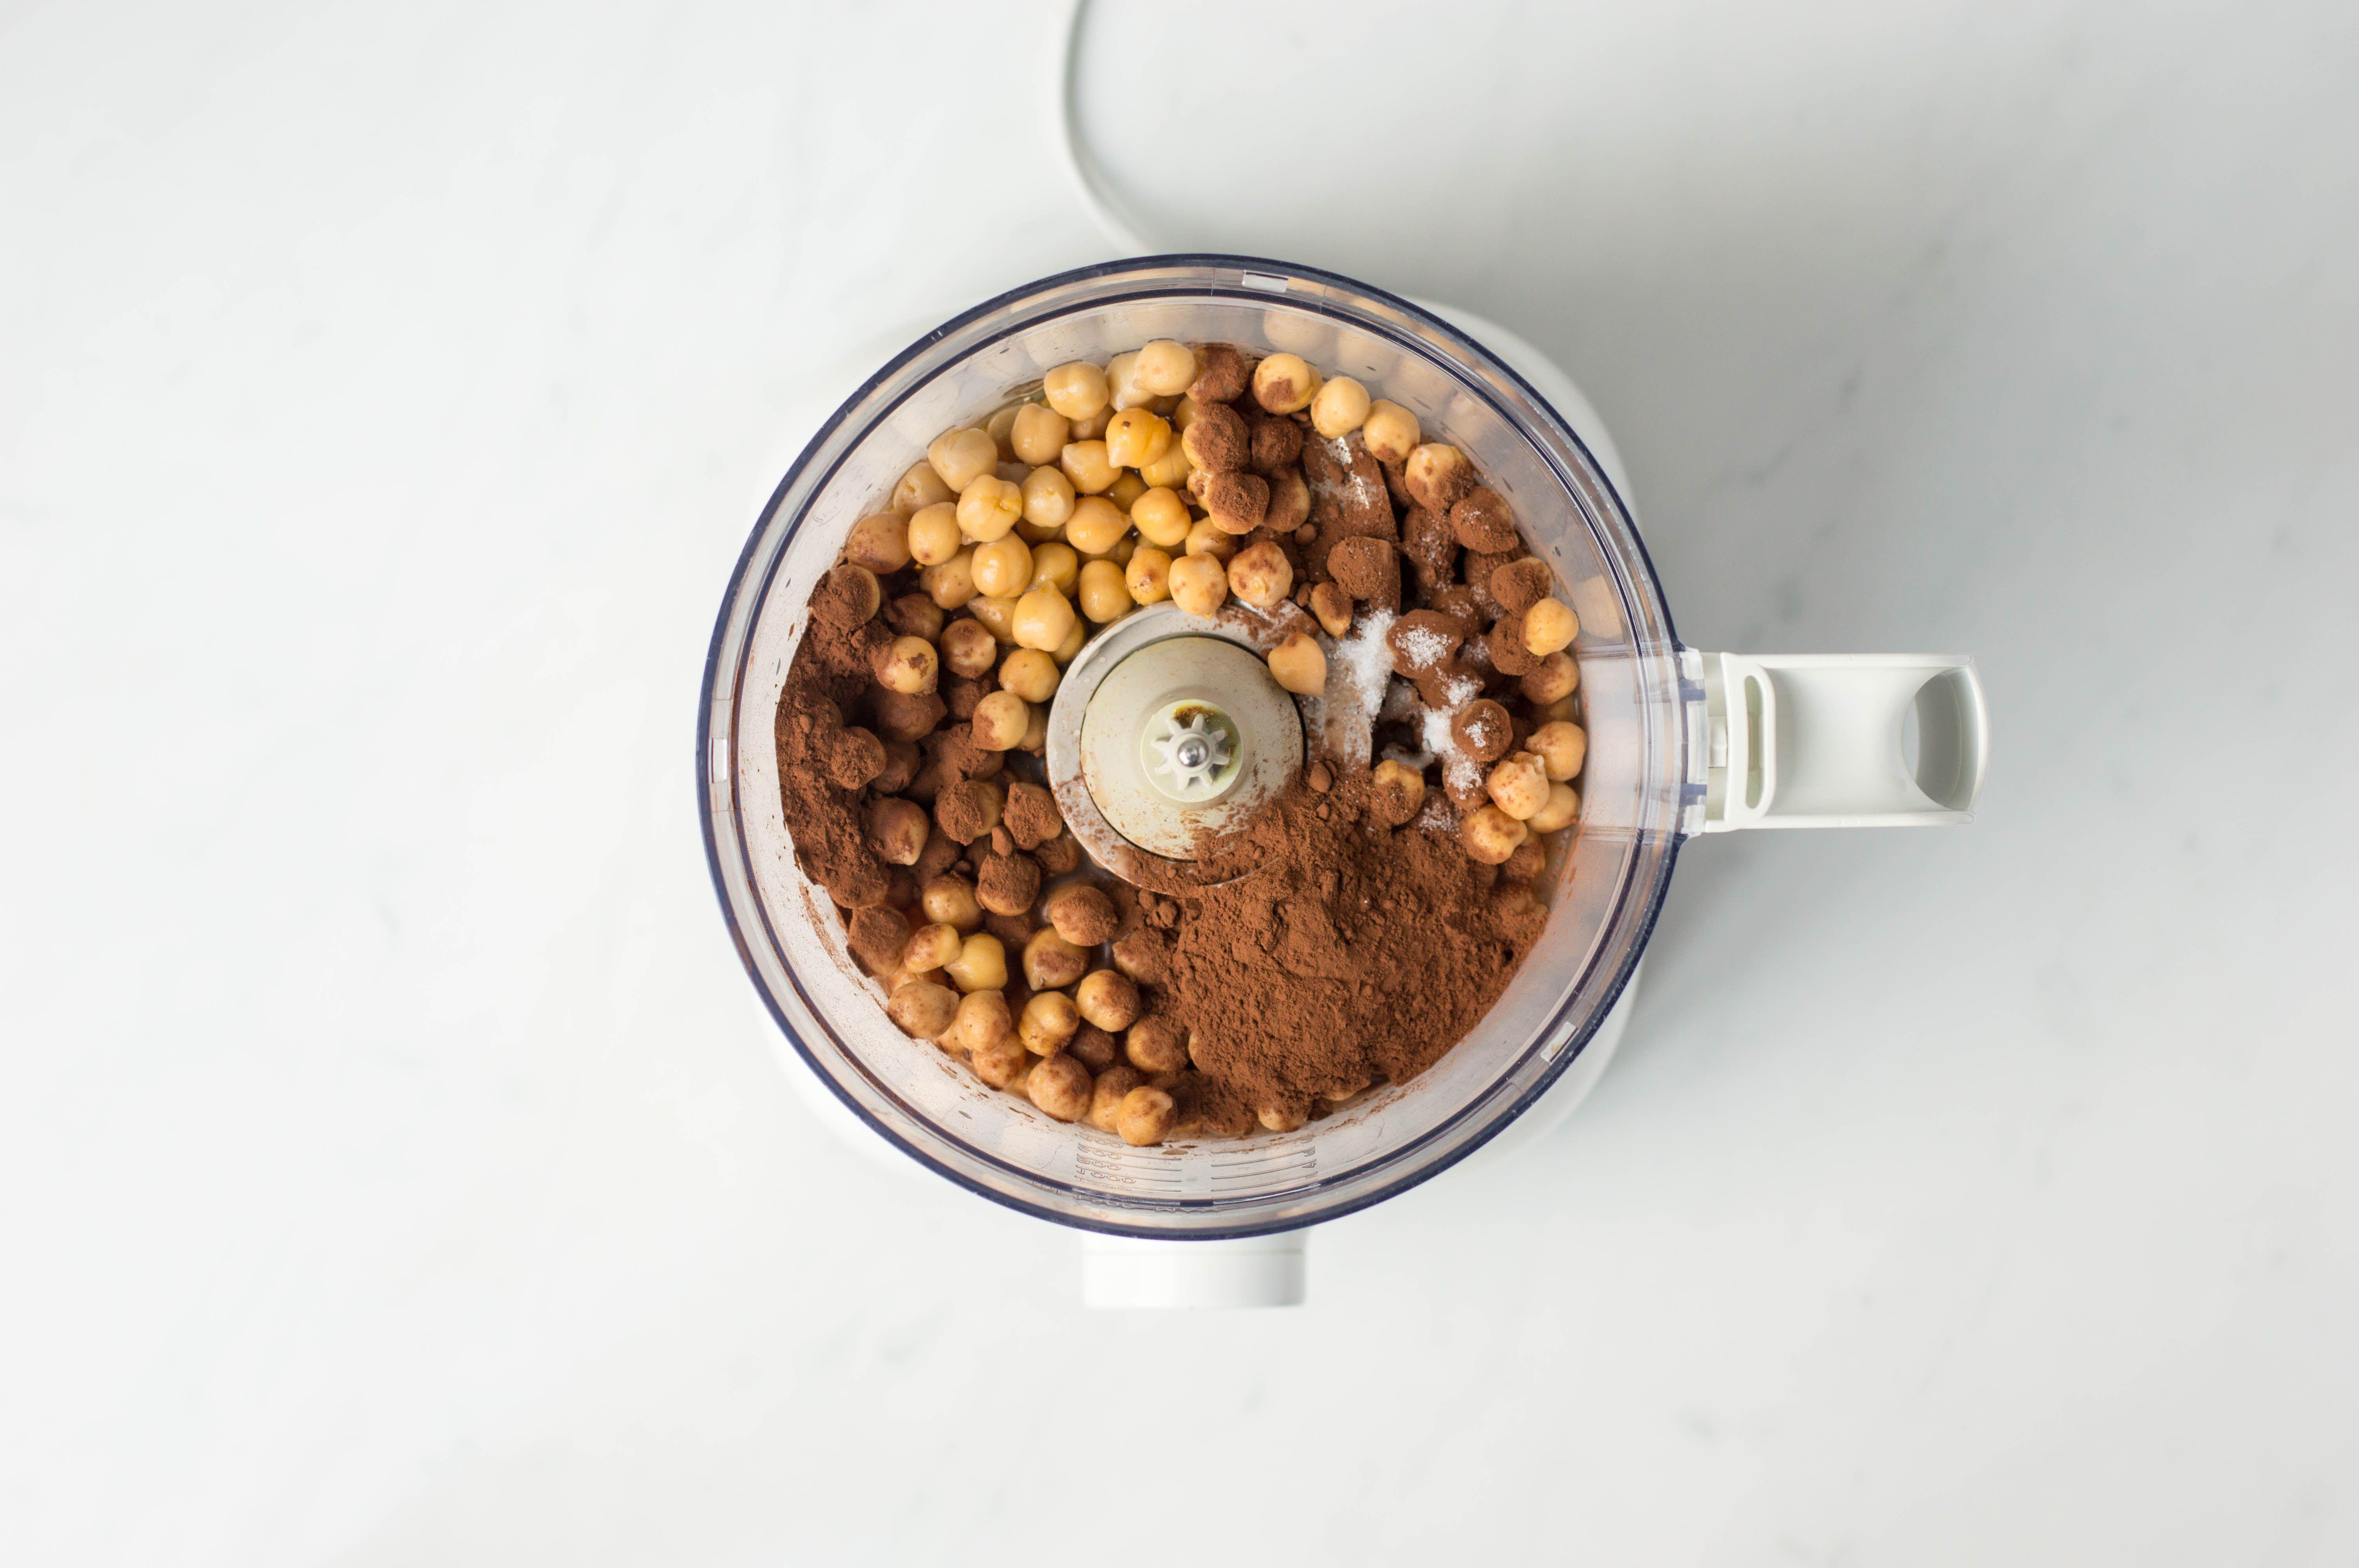 Combine ingredients in food processor